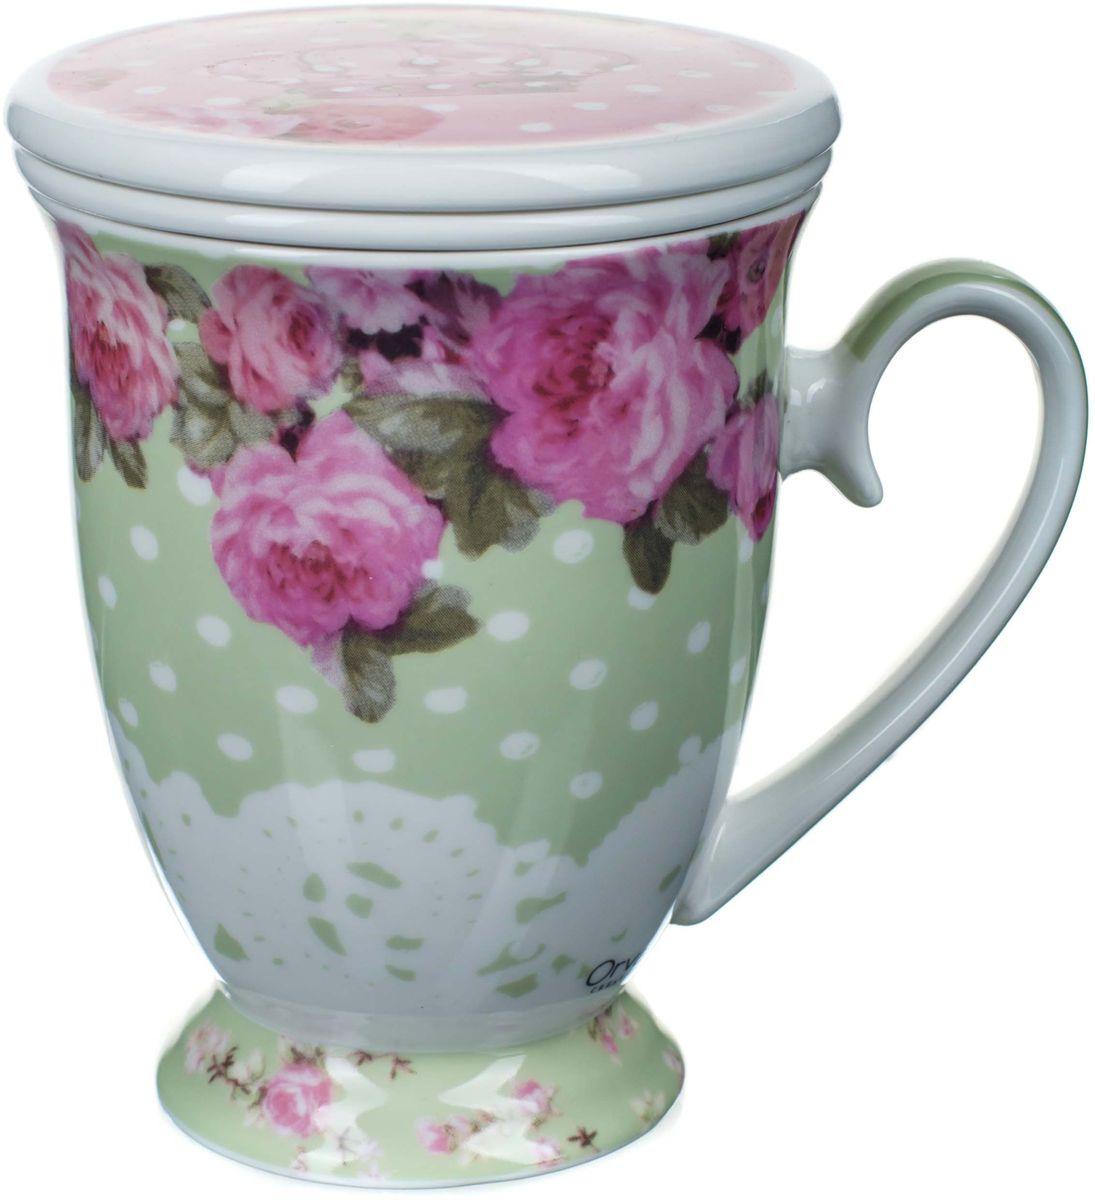 Кружка заварочная ORVAL Чайная королева, с фильтром, 2 предмета115510Для экономии времени была придумана заварочная кружка, с помощью которой можно удобно и быстро заварить чай. Она позволяет совмещать удобство и комфорт с полезностью и качеством.